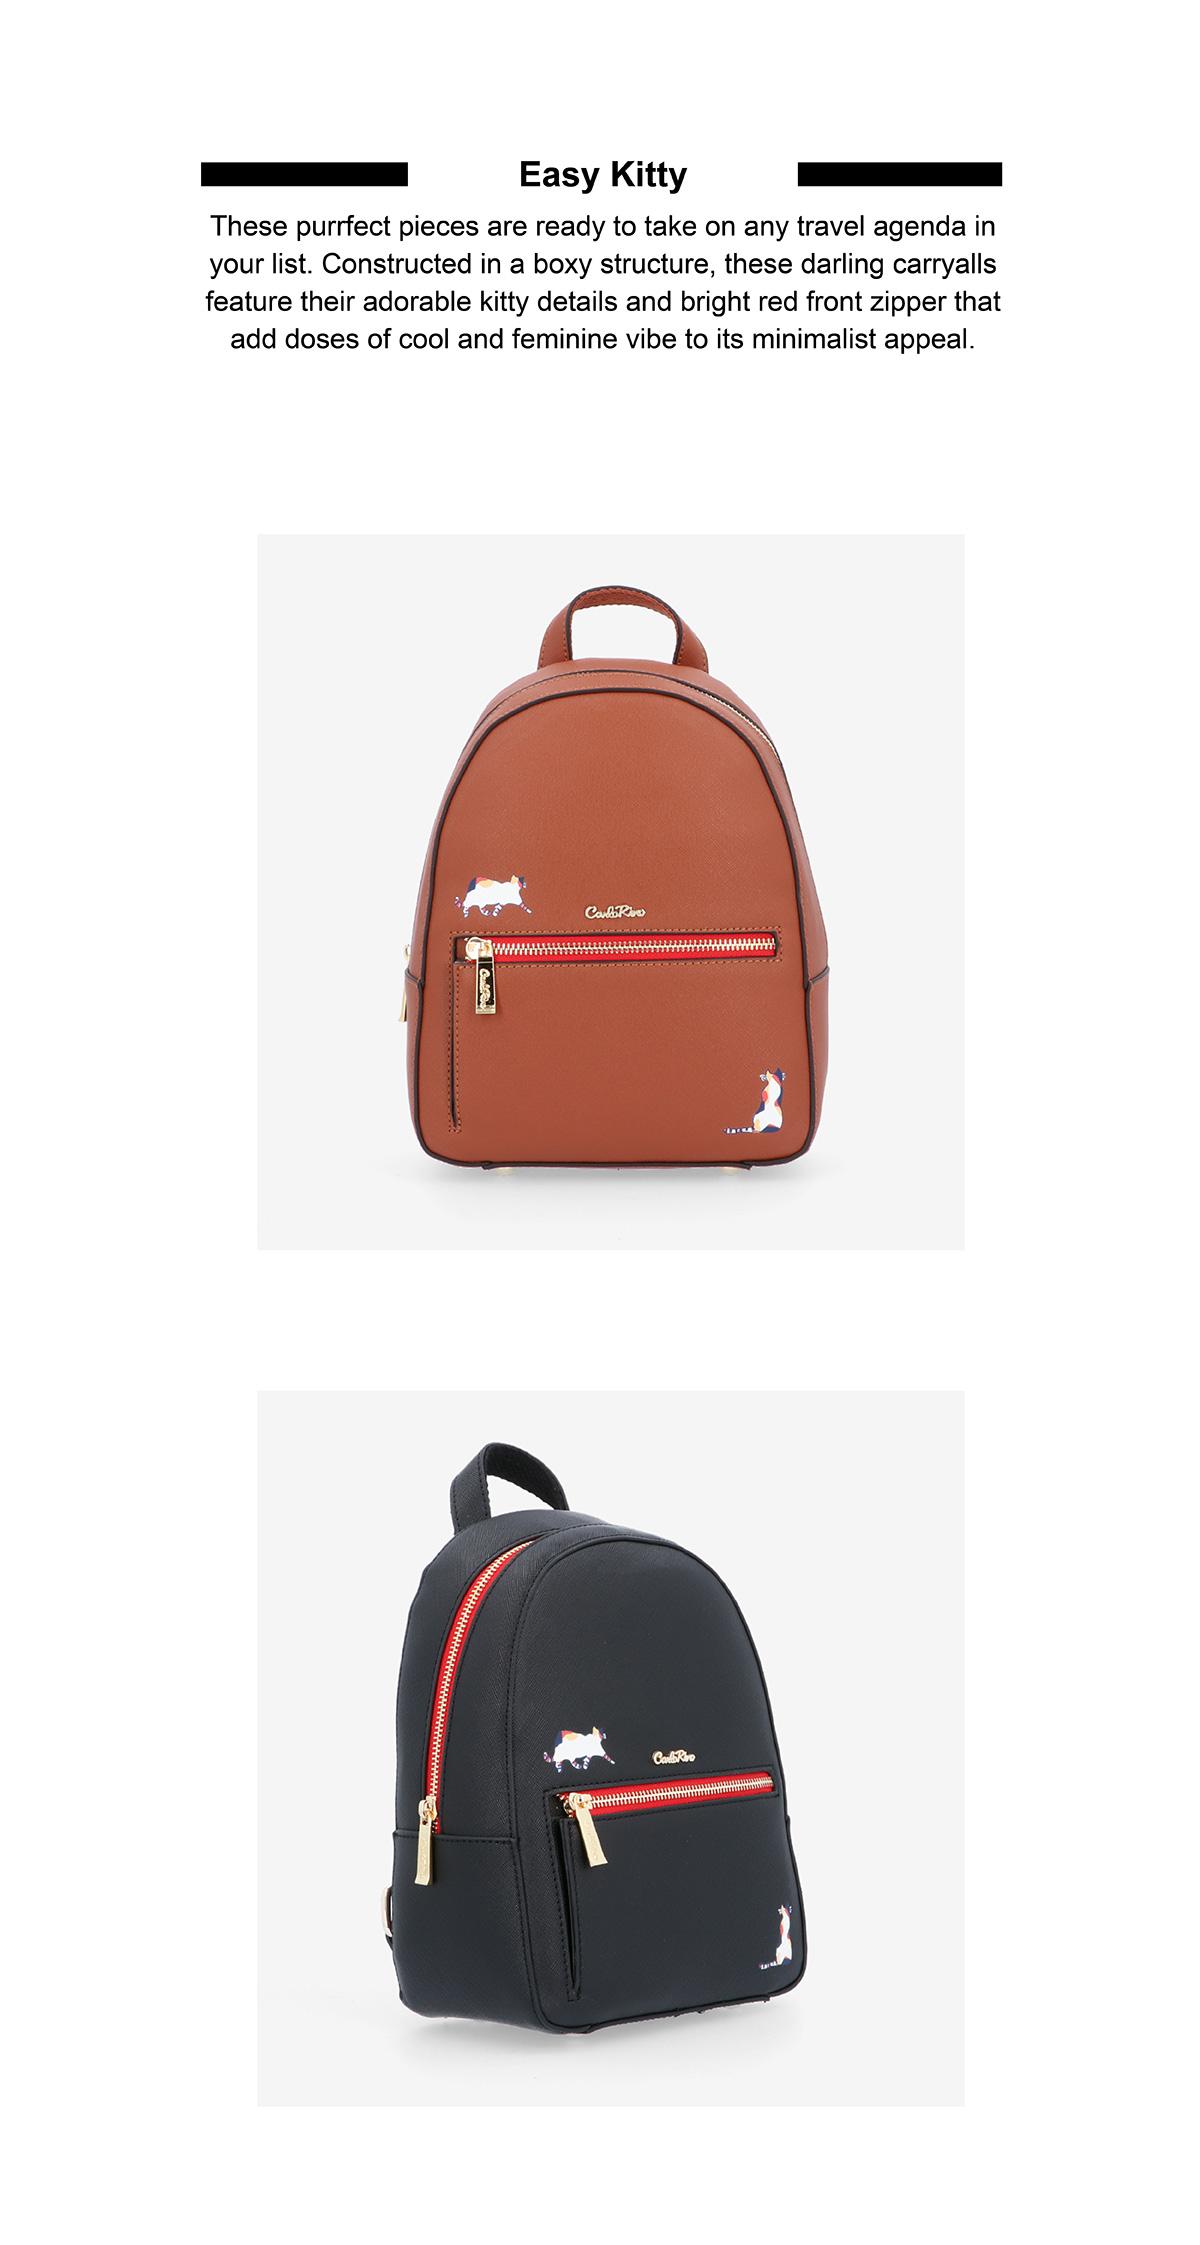 0305030J 001 02 - Easy Kitty Backpack